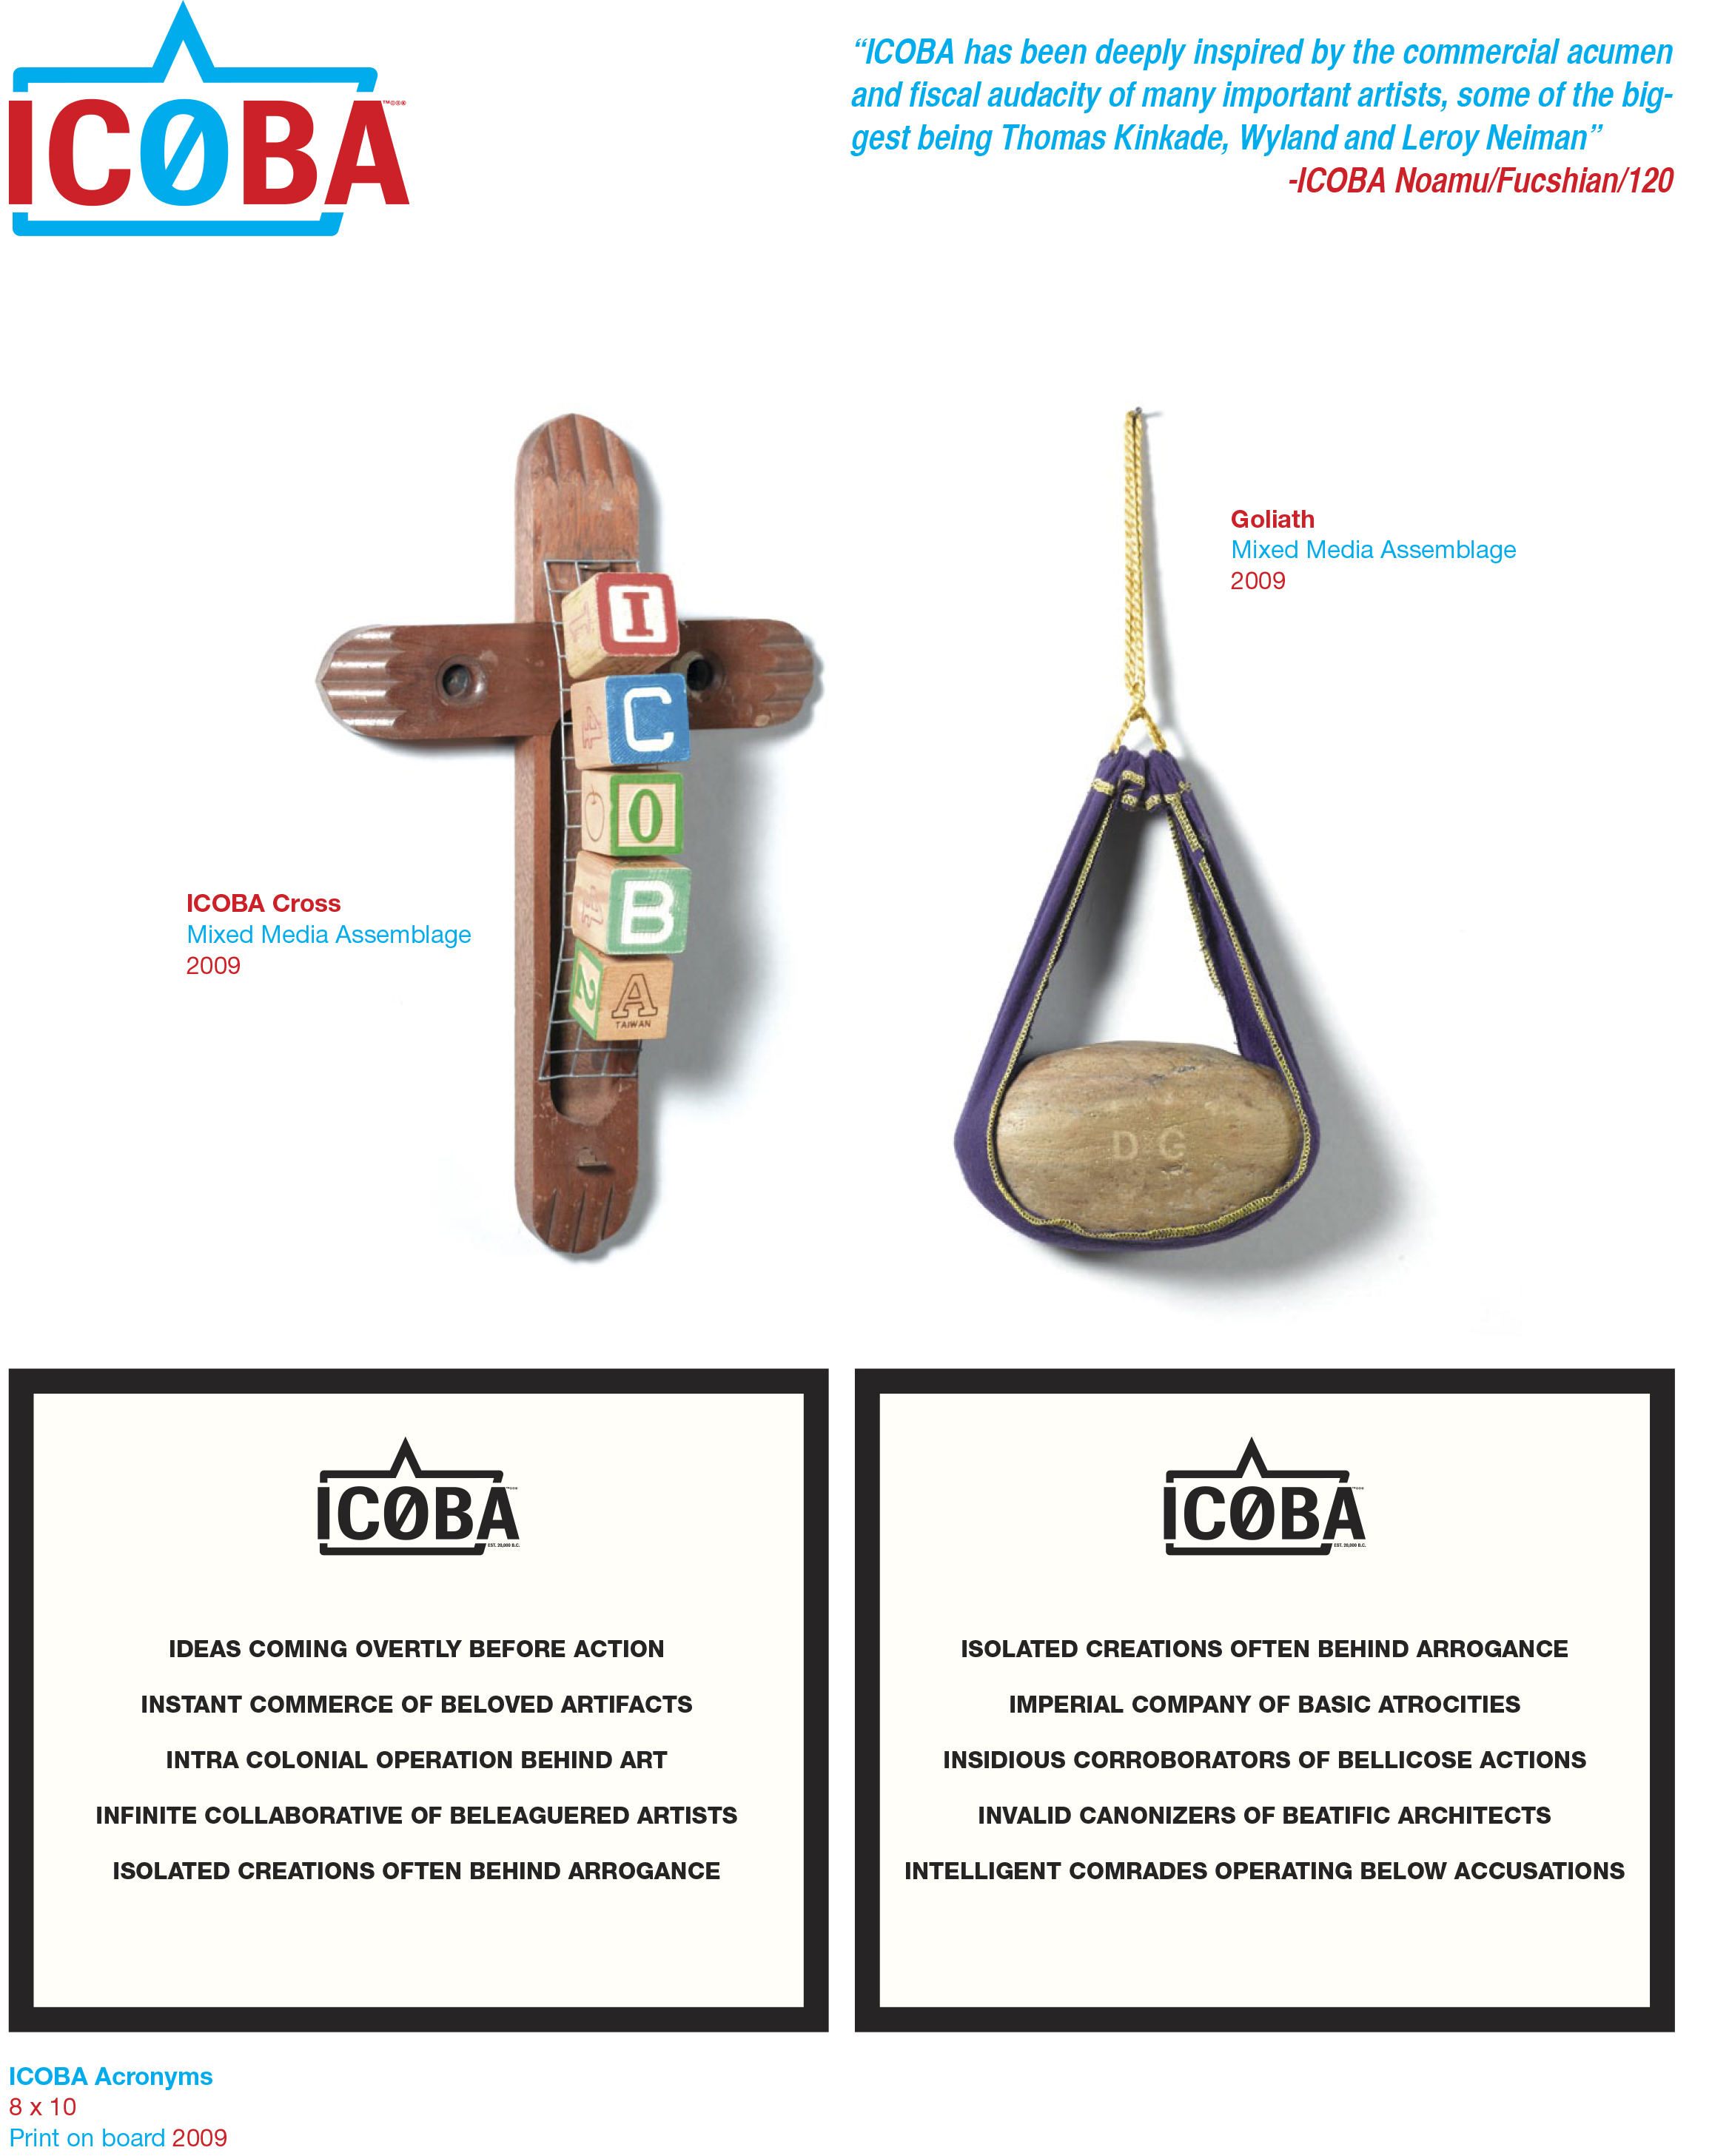 ICOBA_Press-Kit 3.jpg